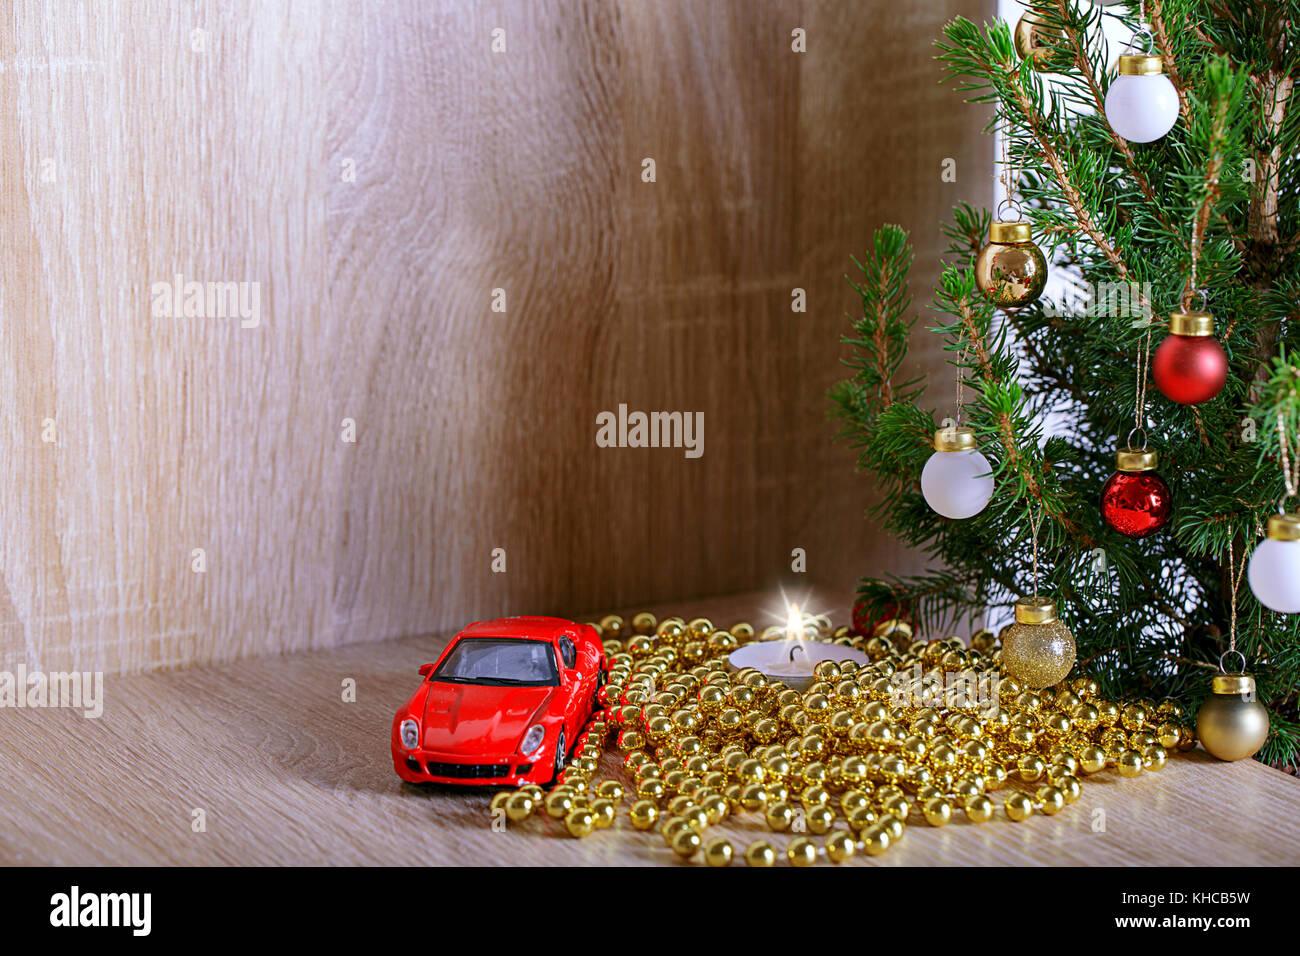 Auto Weihnachtsbaum.Weihnachtsbaum Mit Dekorationen Kerze Und Auto Als Geschenk